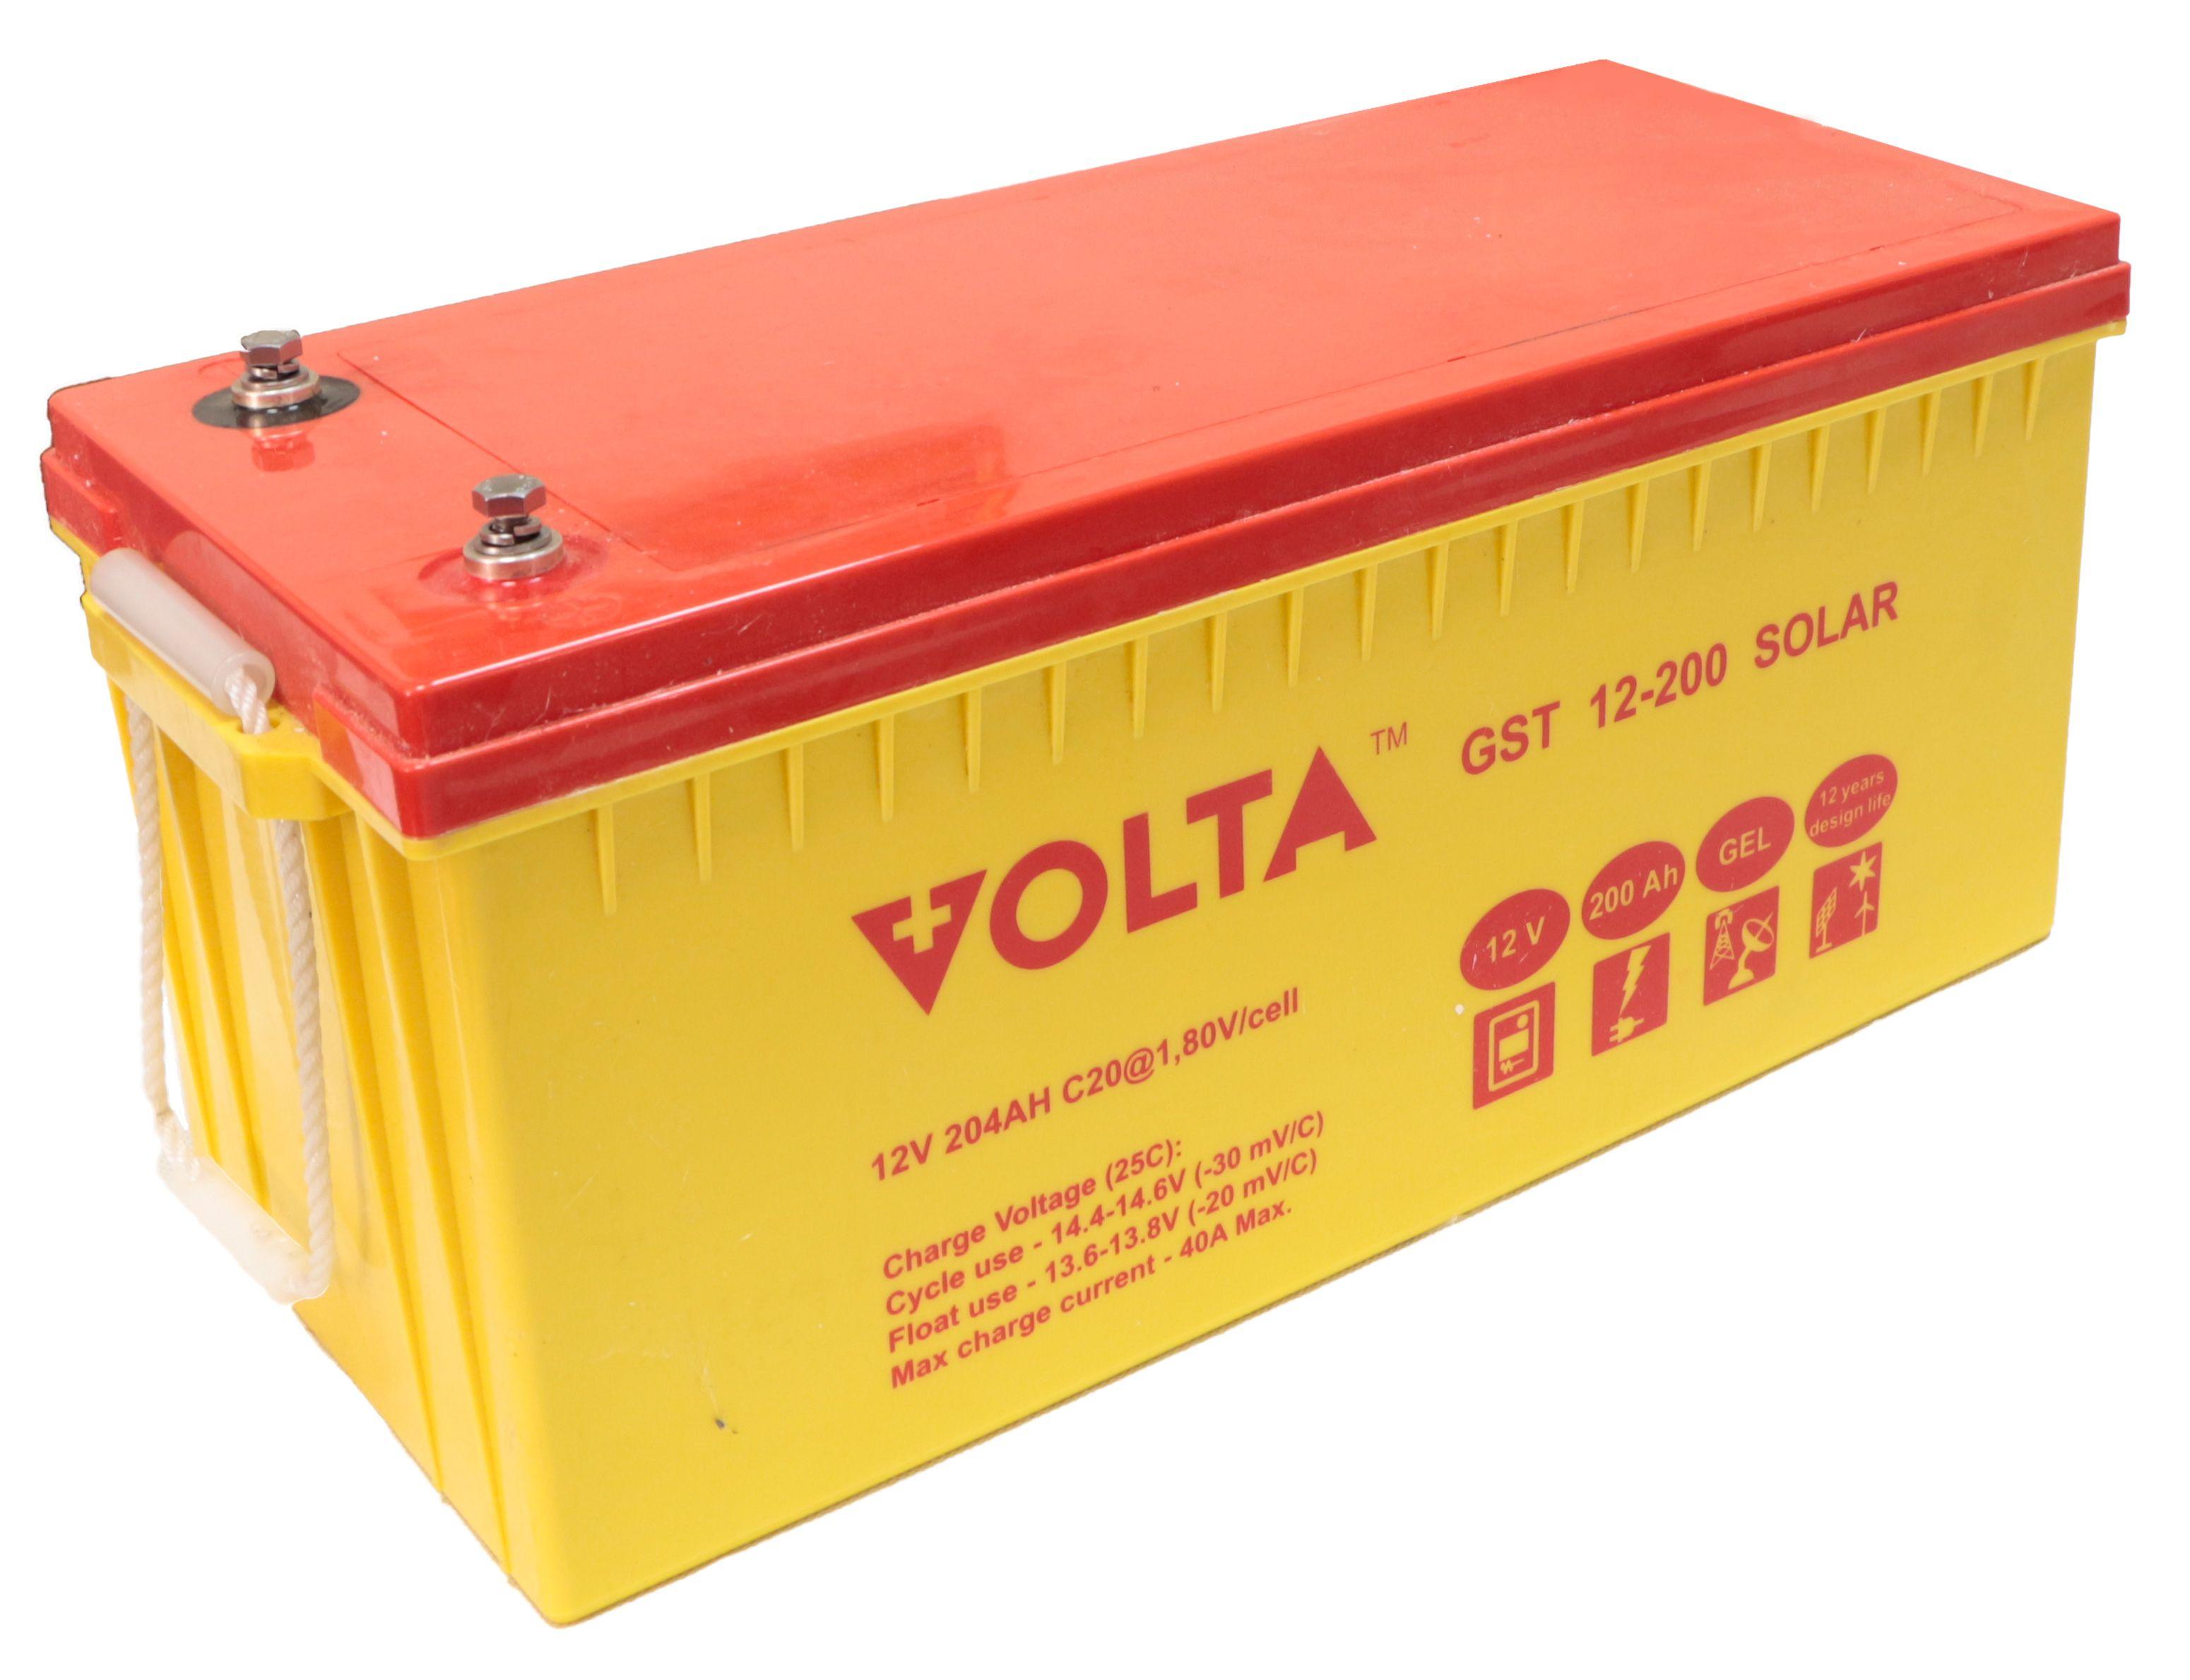 Купить аккумуляторные батареи для солнечного оборудования